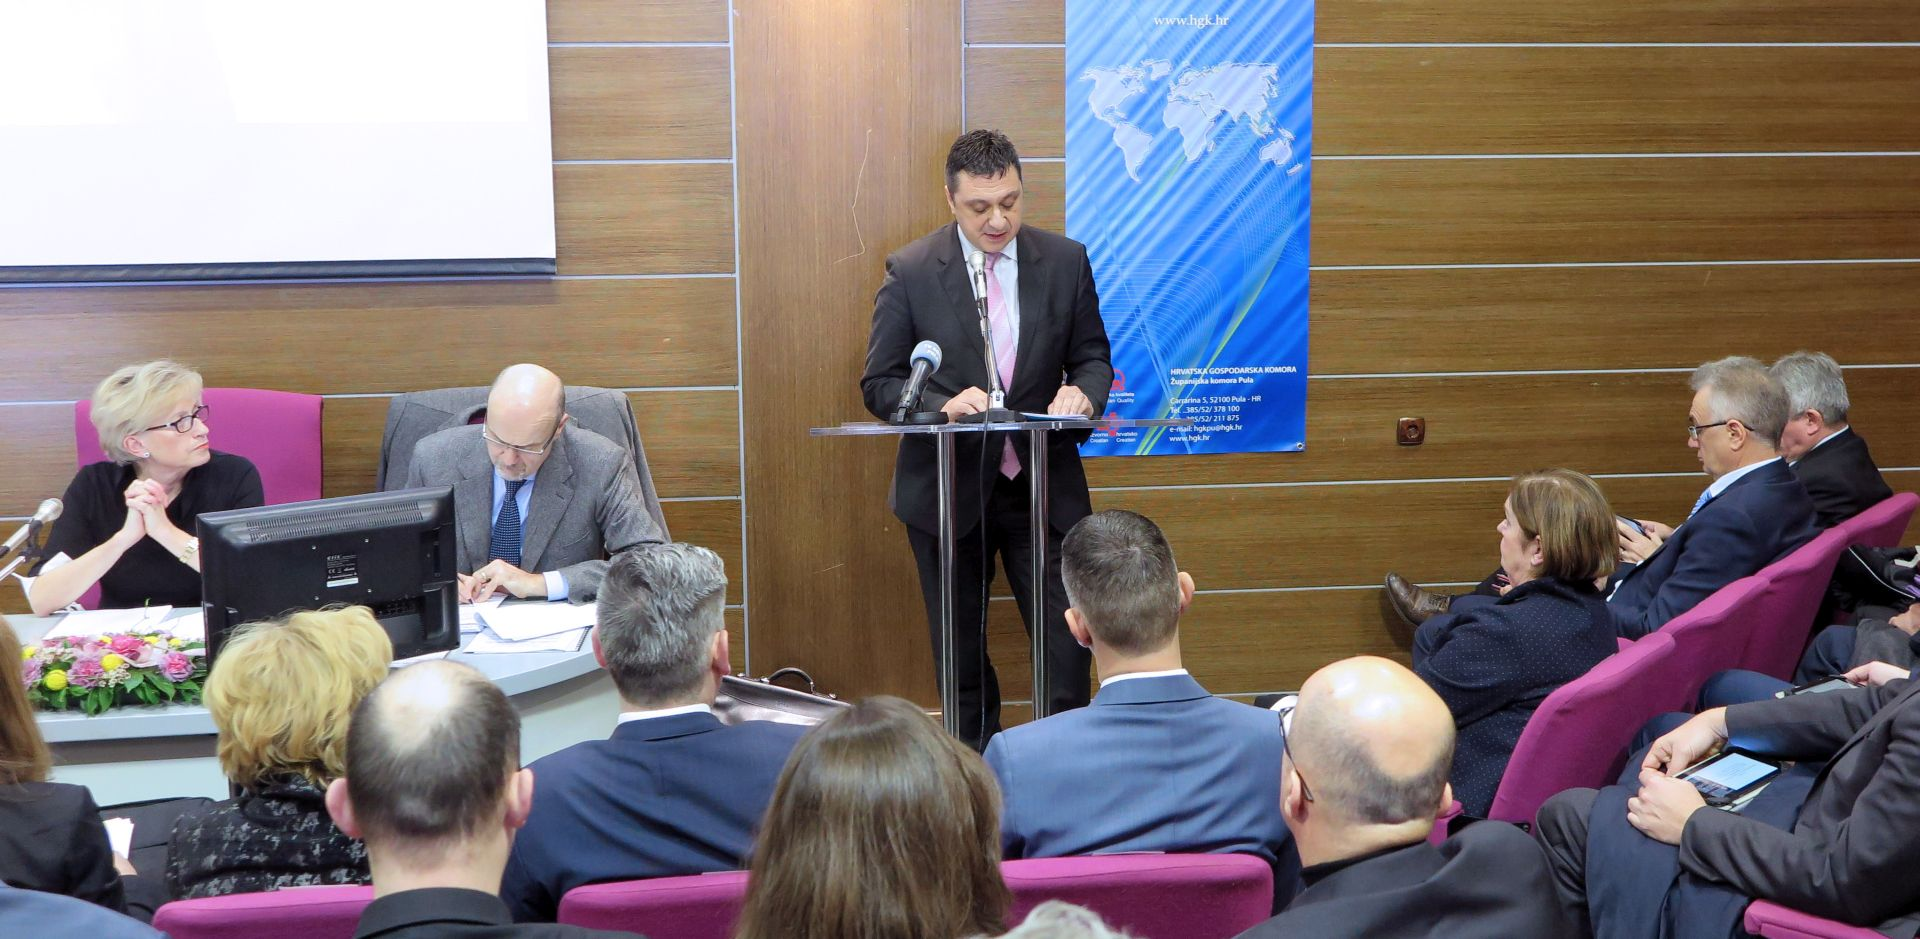 Skupština Uljanika odlučila o dokapitalizaciji za najviše 302 milijuna kuna